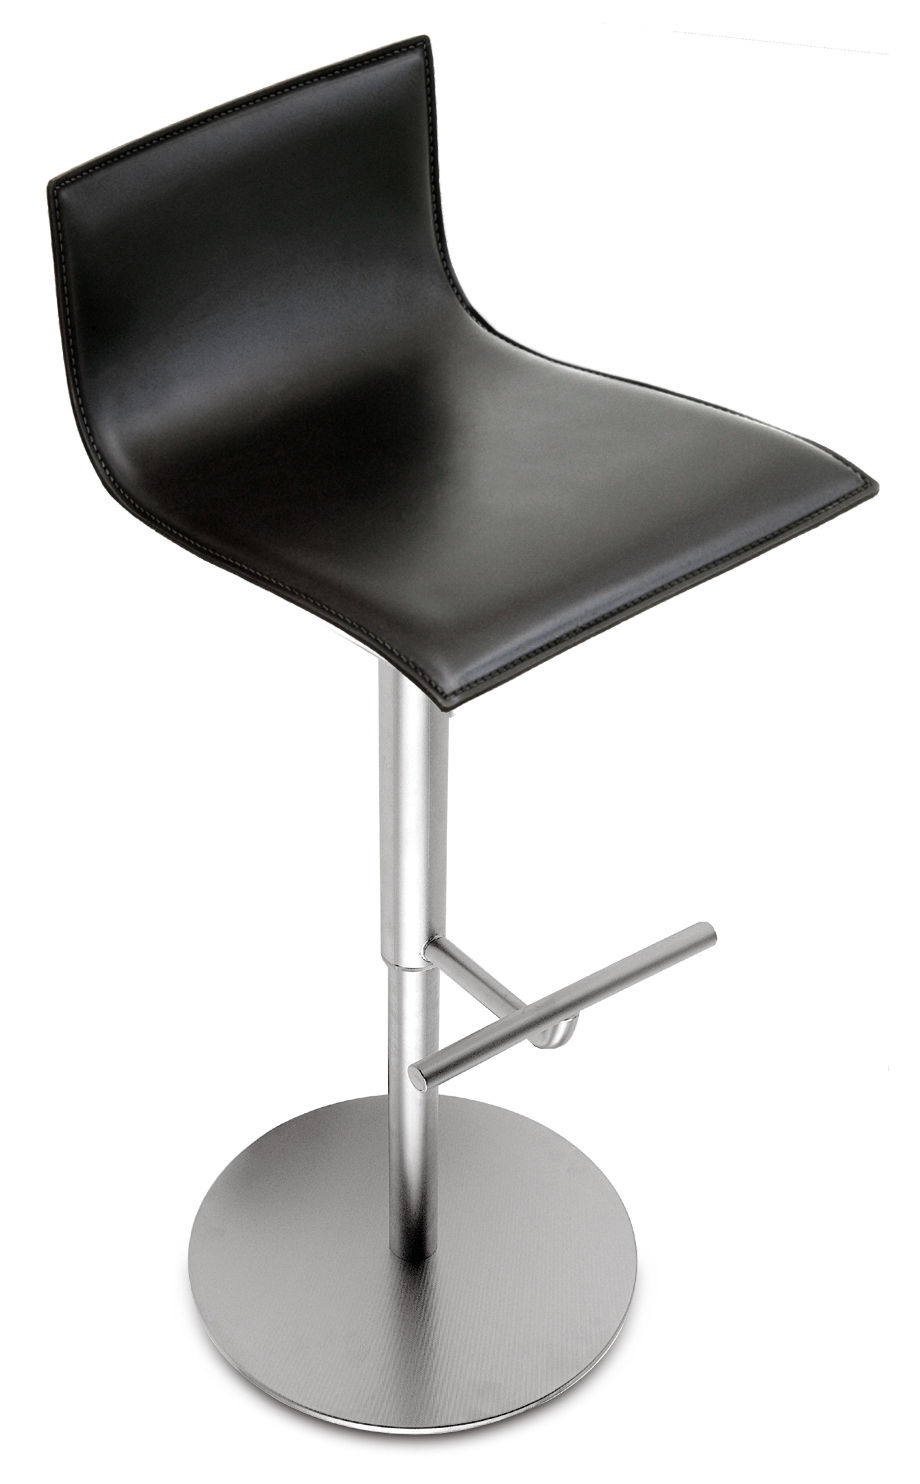 Mobilier - Tabourets de bar - Tabouret haut réglable Thin /Assise cuir pivotante - Lapalma - Cuir noir - Acier inoxydable, Cuir